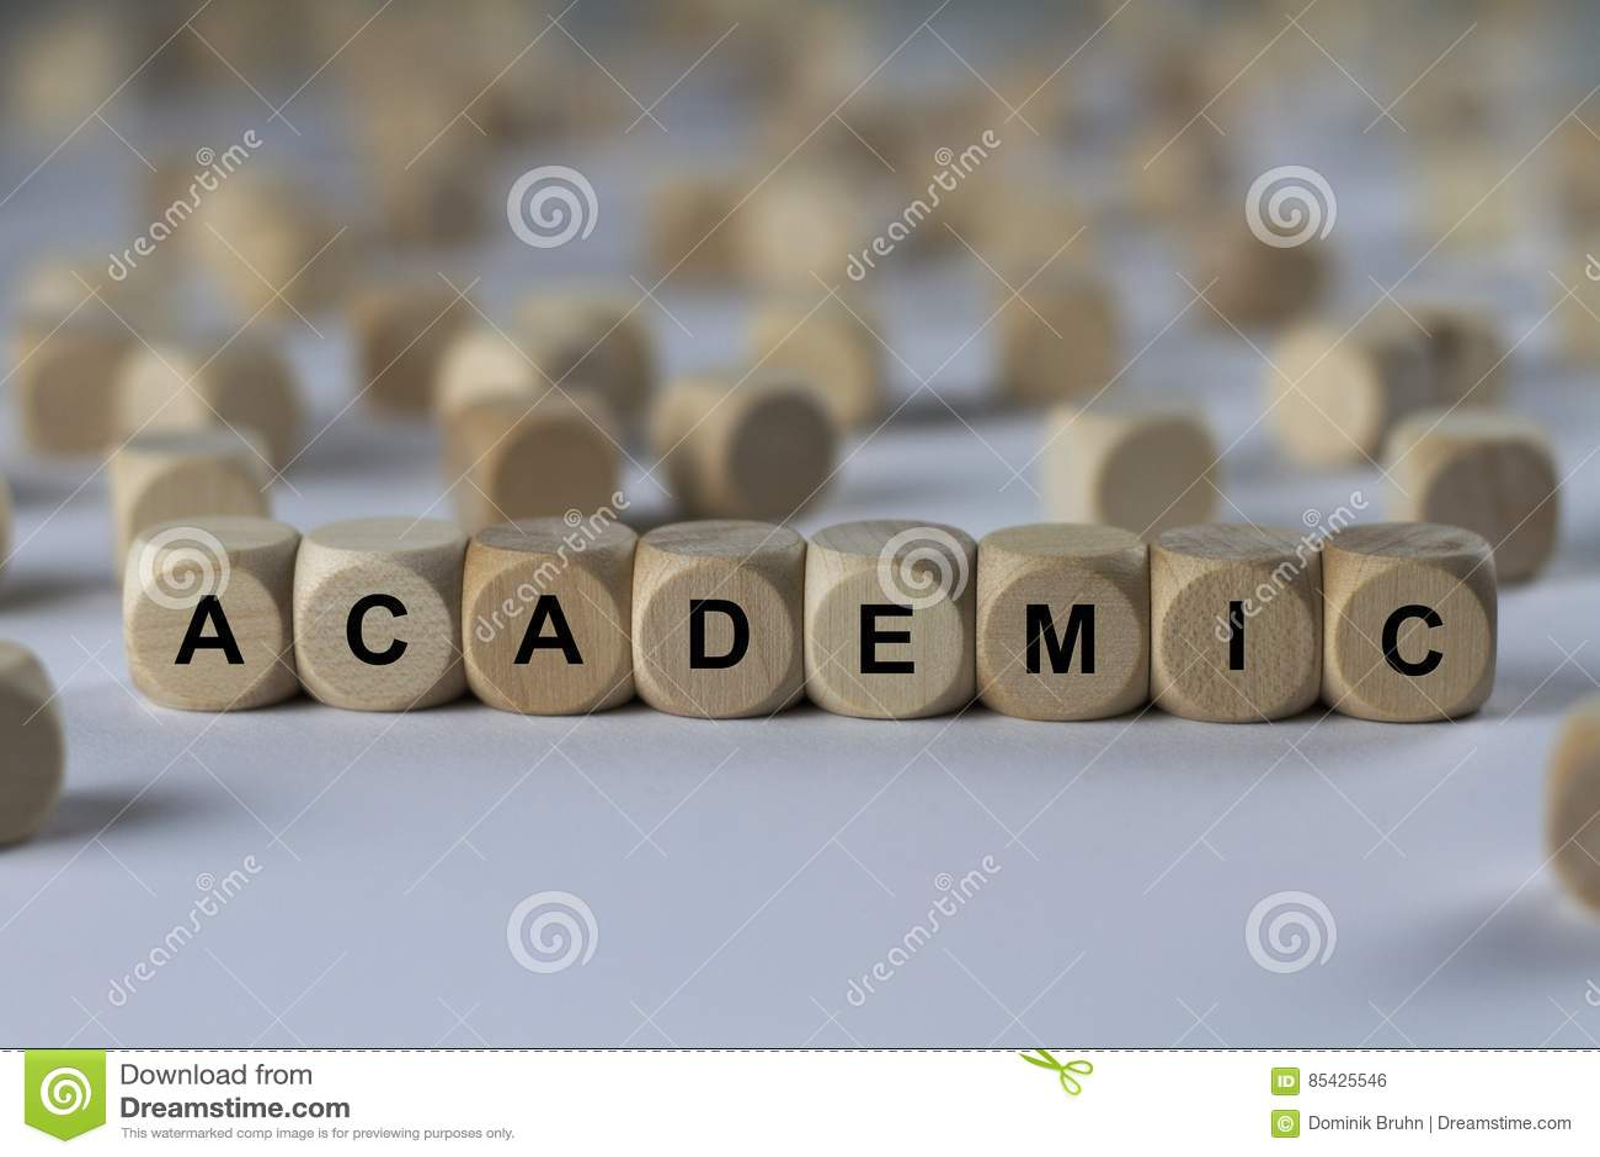 Academisch - kubus met brieven, teken met houten kubussen